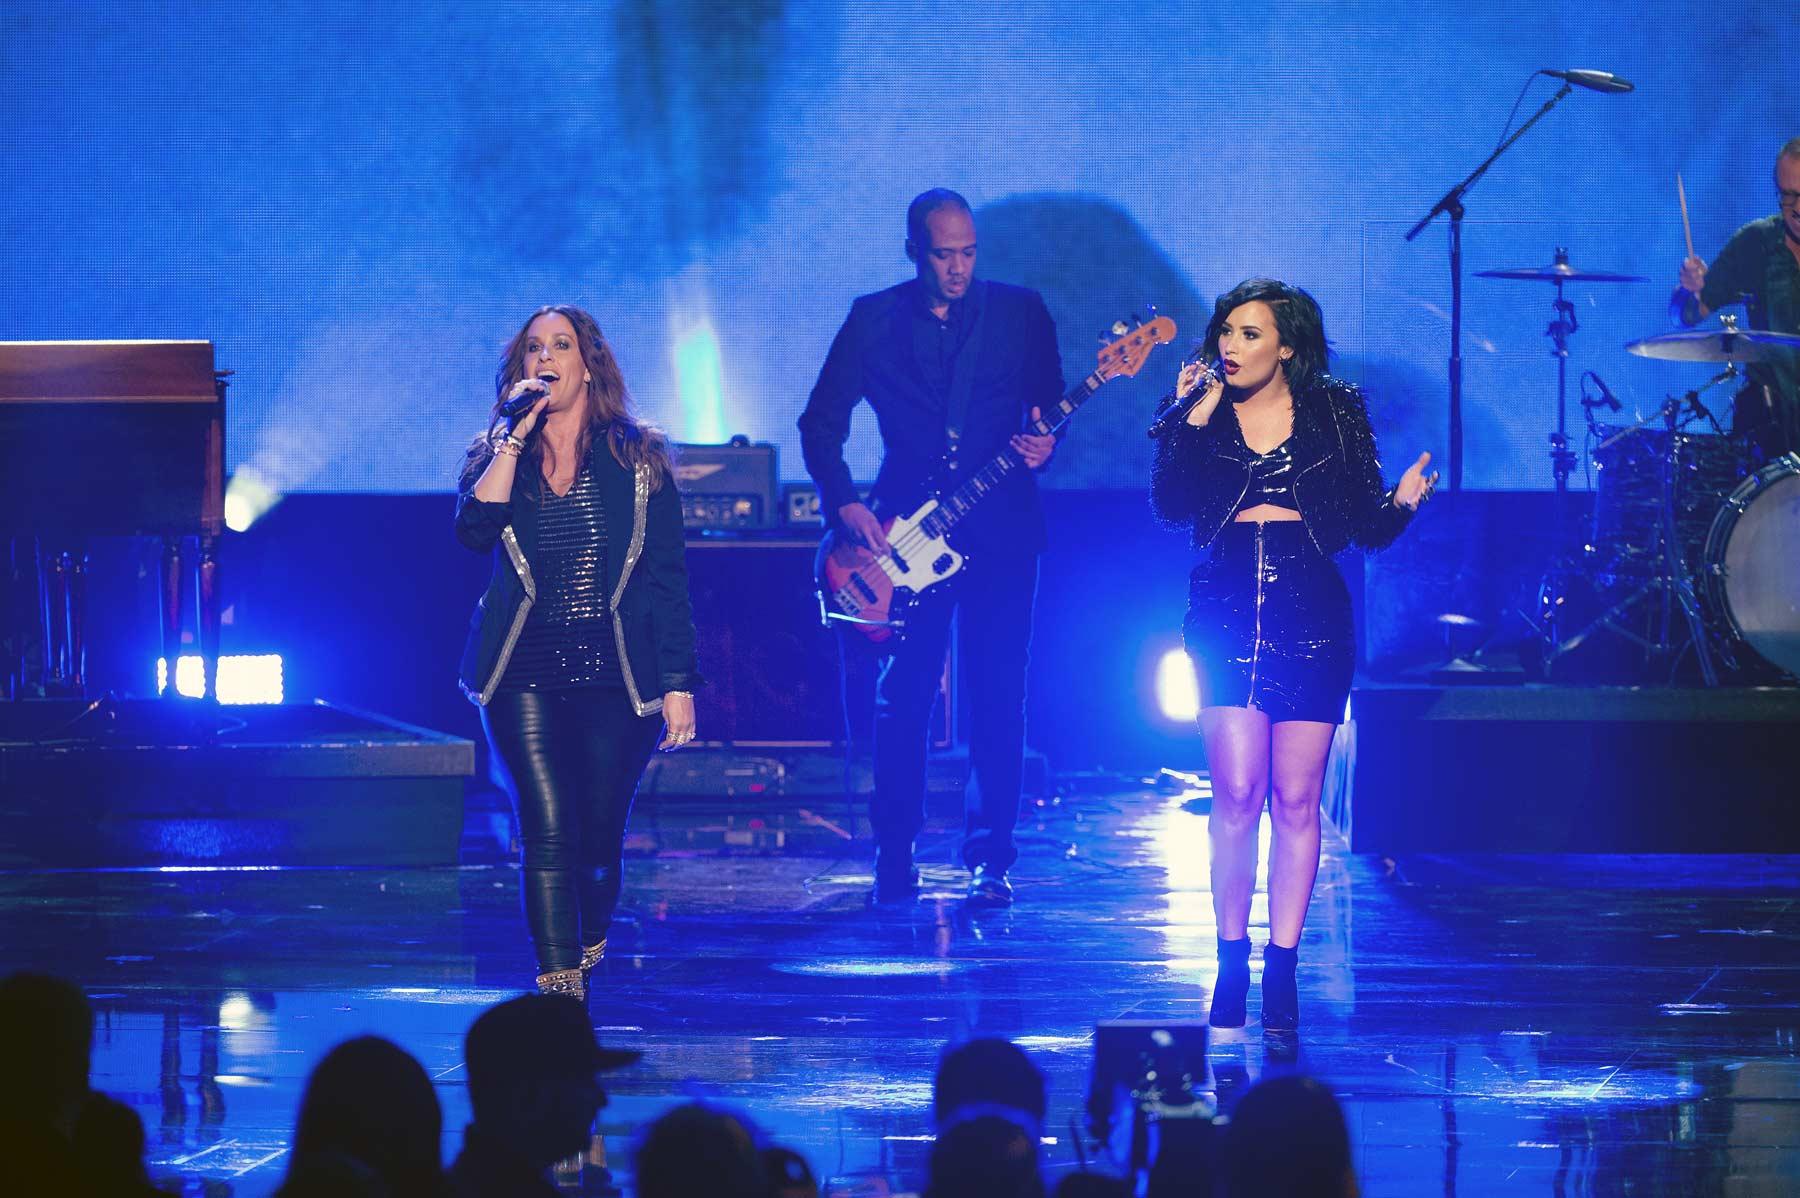 Demi Lovato & Alanis Morissette at 2015 American Music Awards